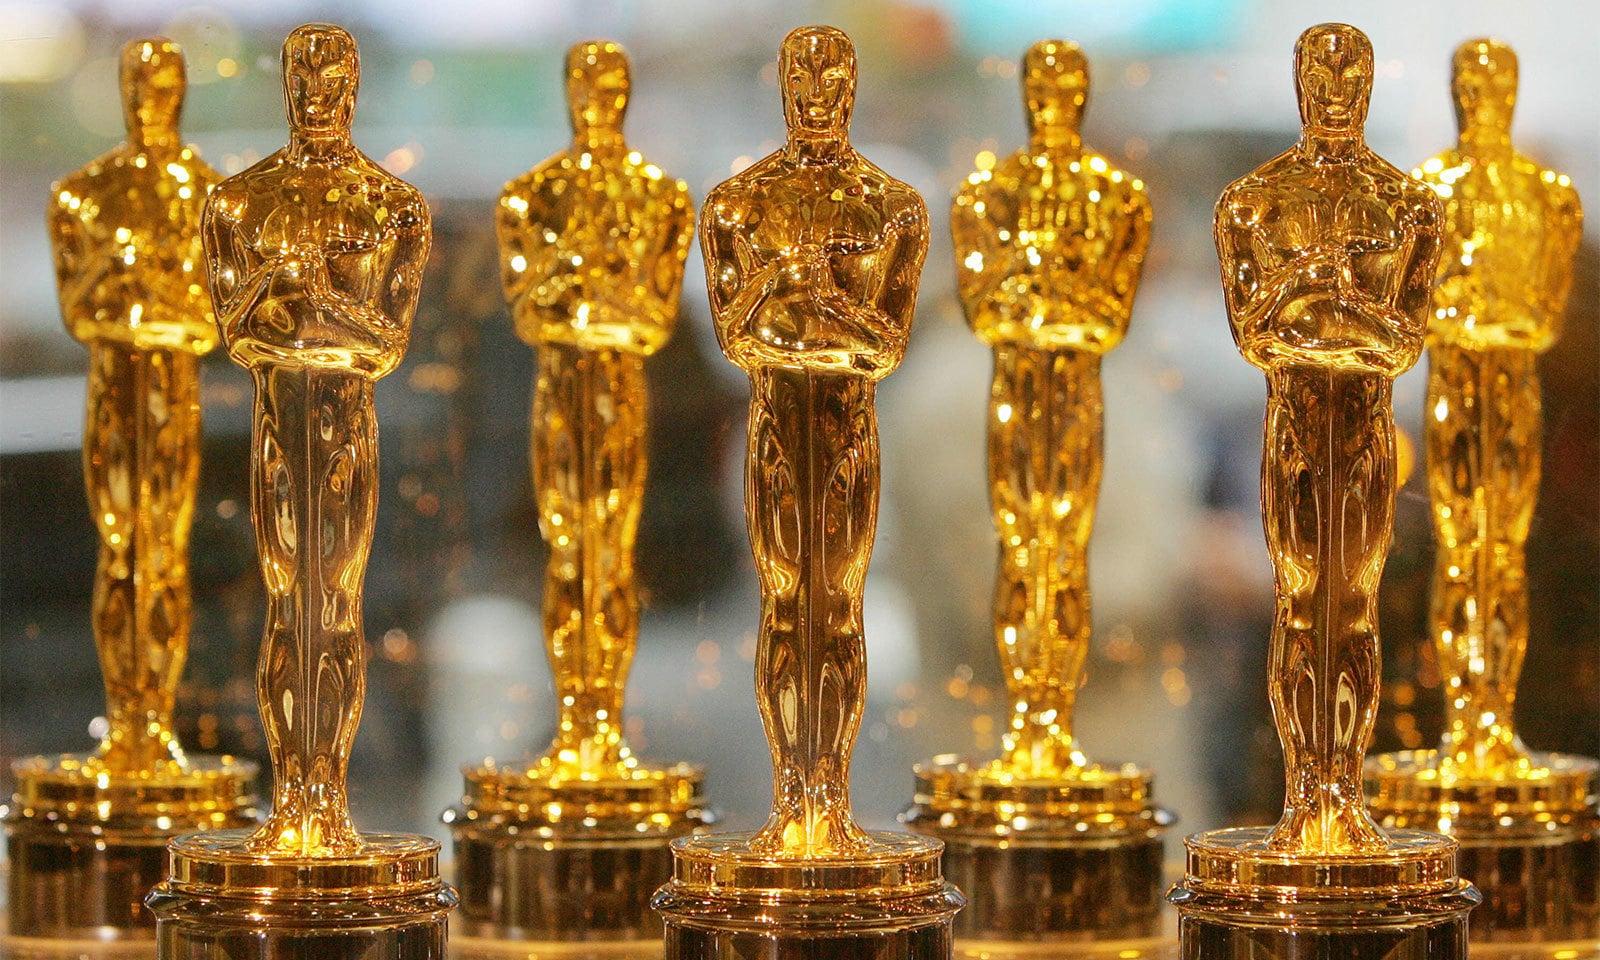 آسکر ایوارڈز کے چند ناقابل یقین ریکارڈز